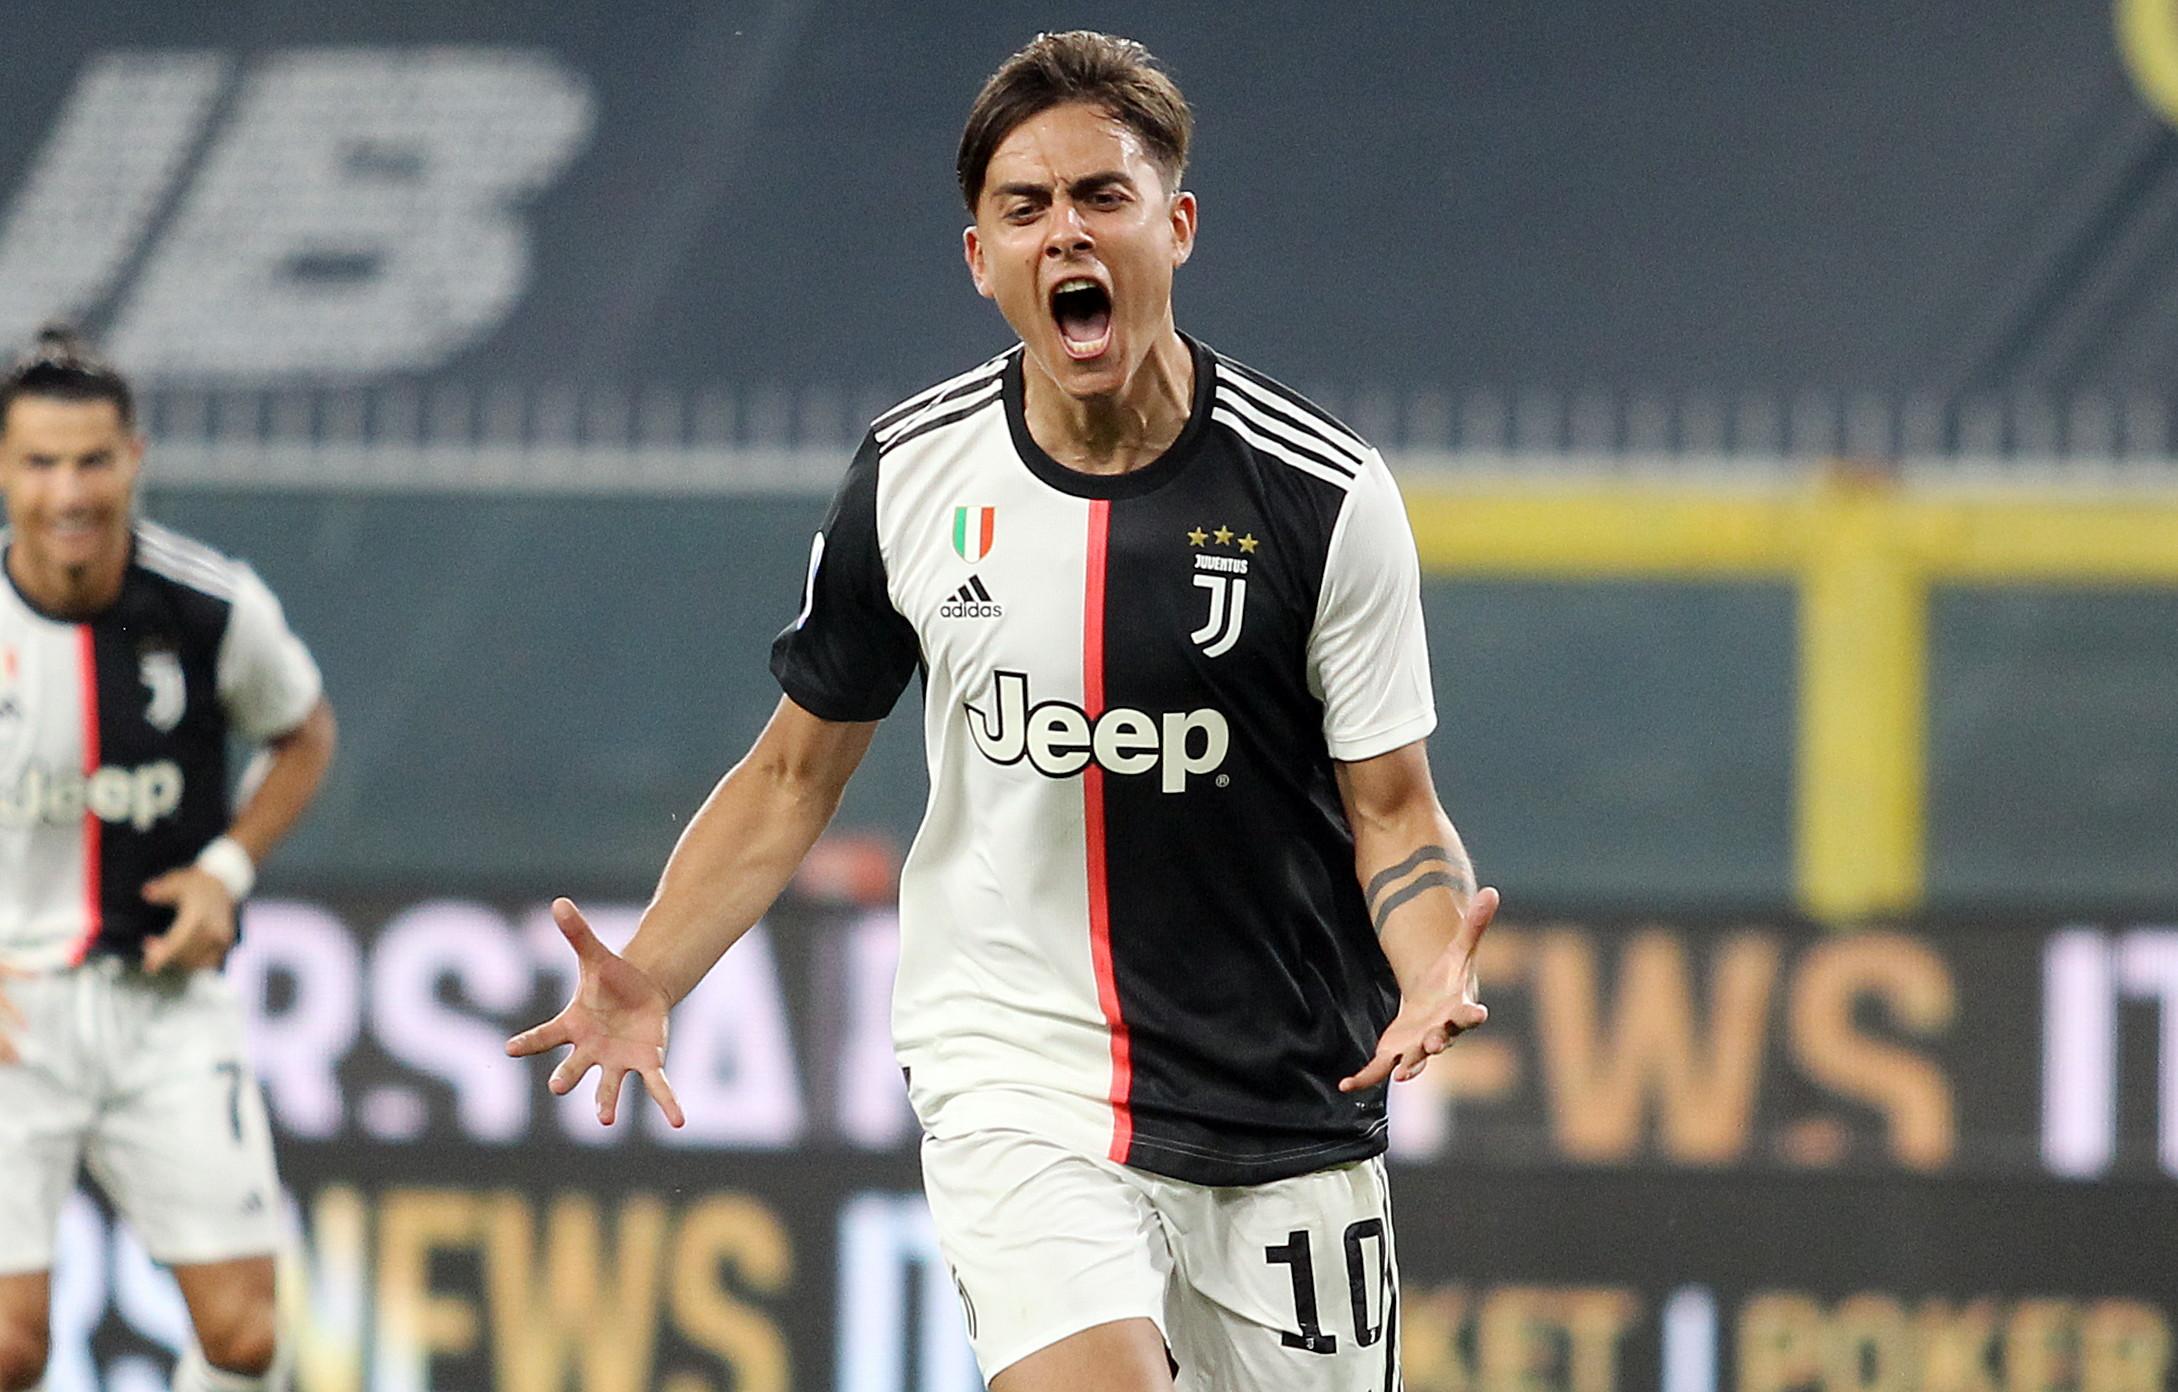 Esterno destro: Dybala (Juventus)